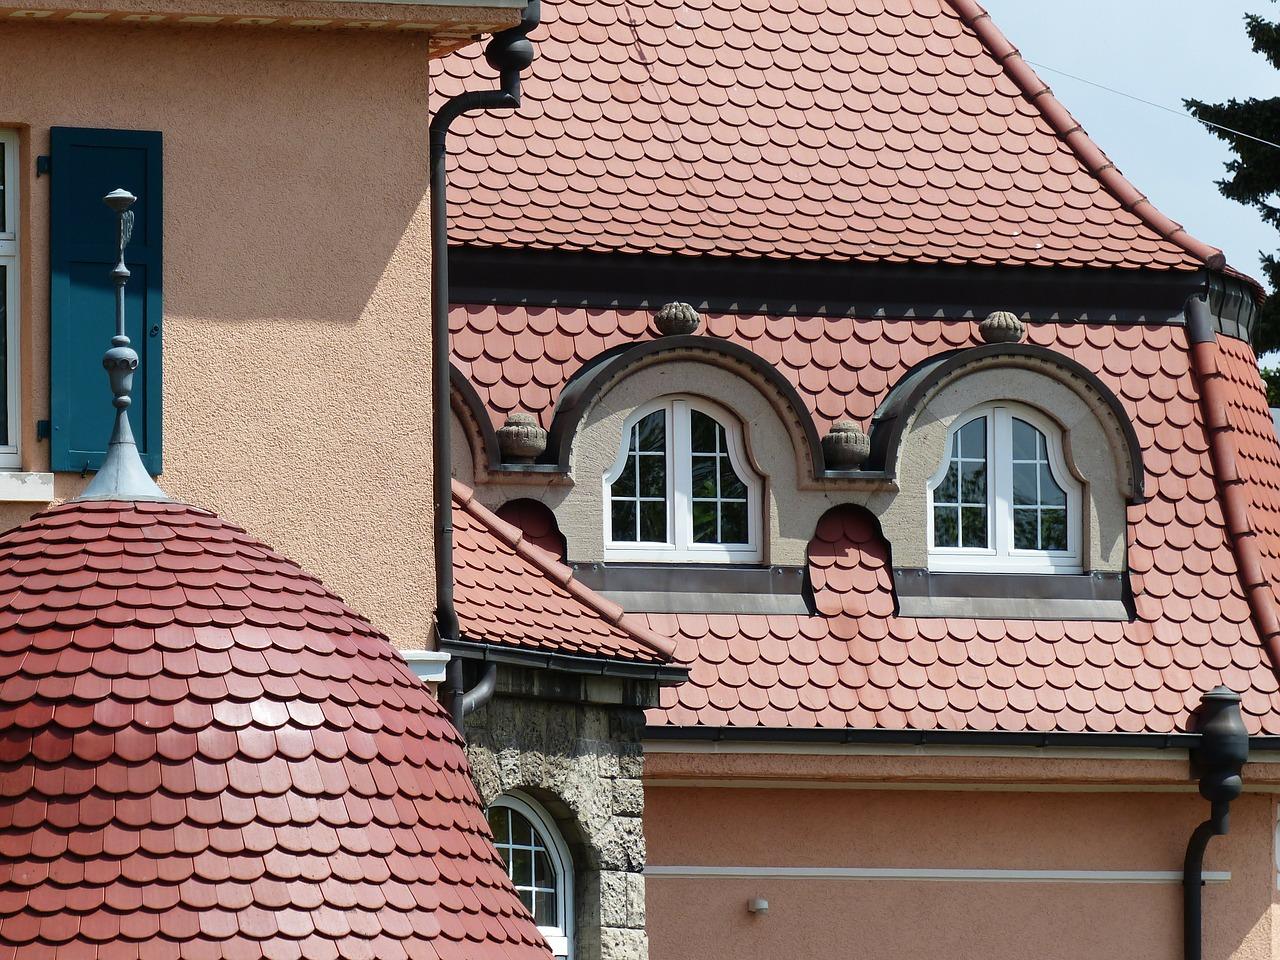 Etanchéifier la toiture pour un habitat sain et pour une bonne hygiène